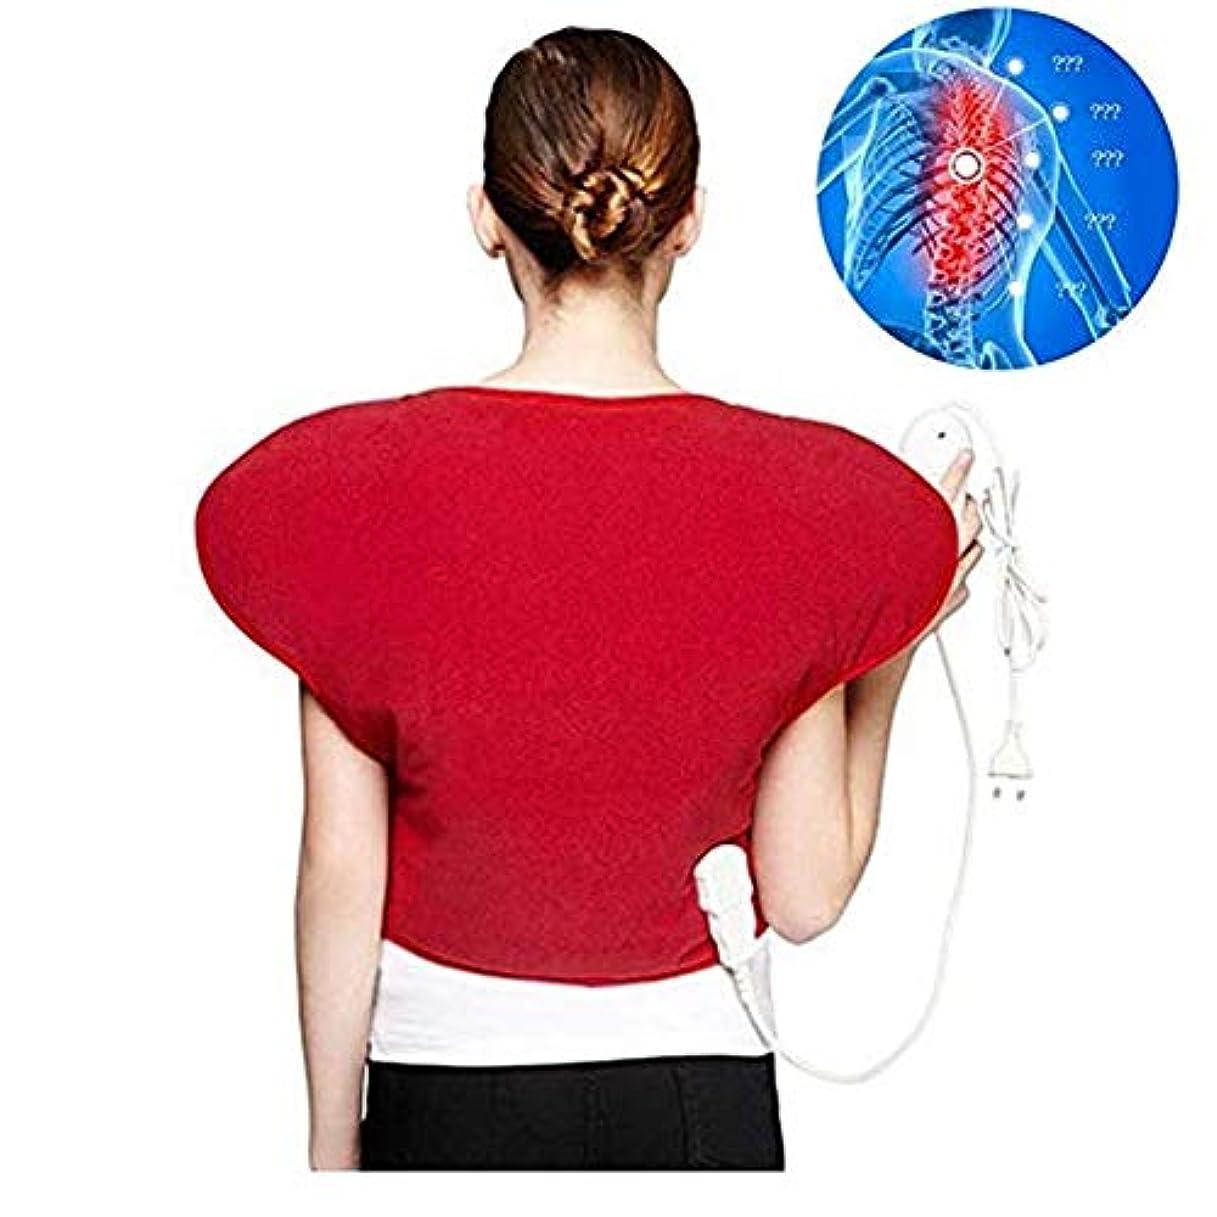 有用解釈積極的に肩と首の電気ヒーターパッド - 物理的な痛みの救済ホットヒートのベスト、3ファイル一定の温度、自動パワーオフ、医療用品蝶形のマッサージのヒートパッド